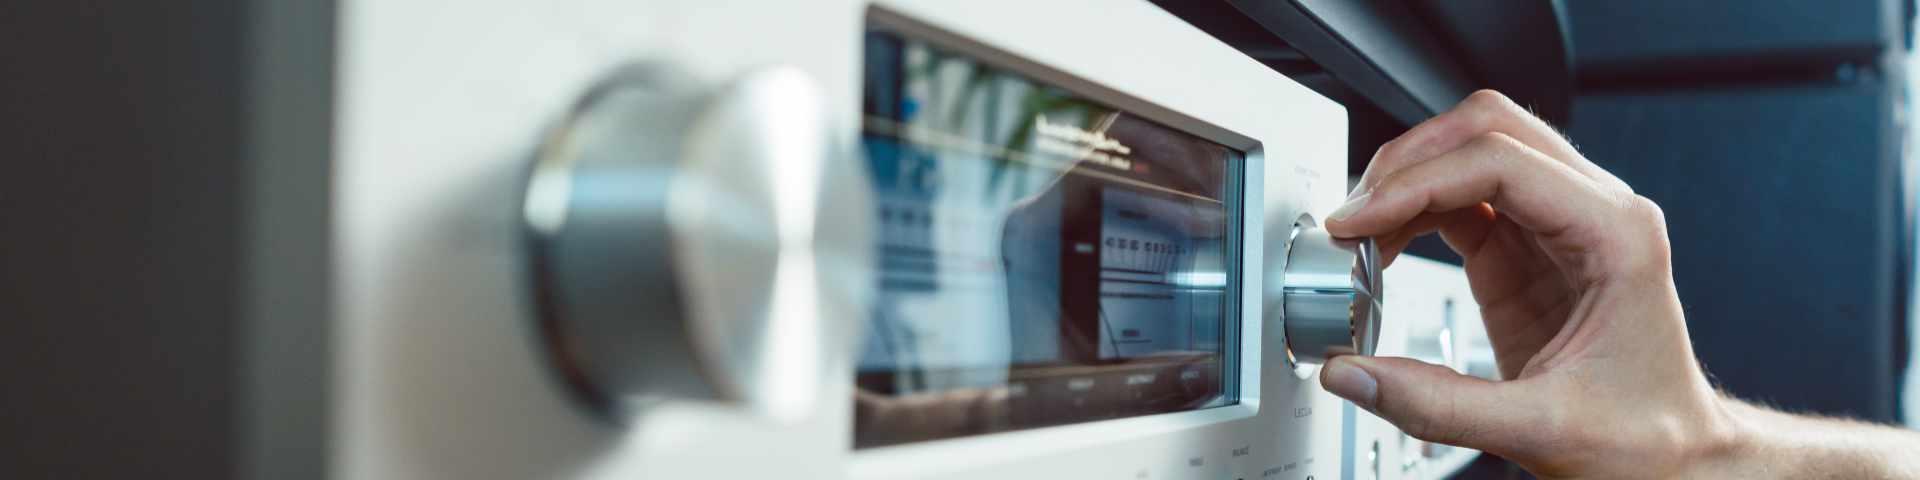 analoge radio stopt bij Ziggo